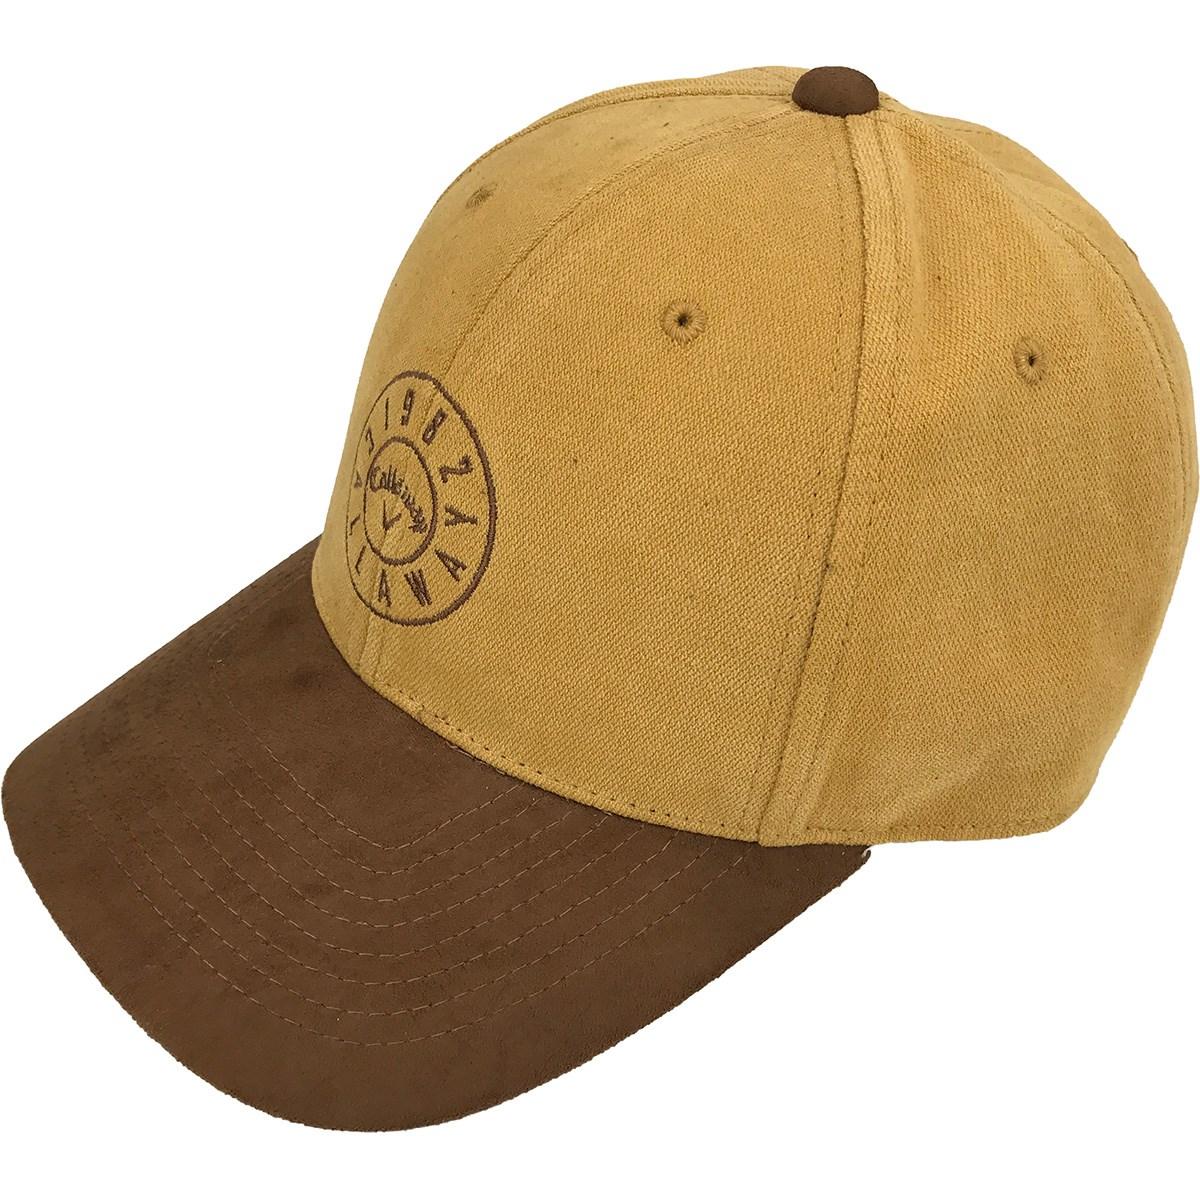 [2020年モデル] キャロウェイゴルフ Callaway Golf スエードコンビキャップ イエロー 060 メンズ ゴルフウェア 帽子